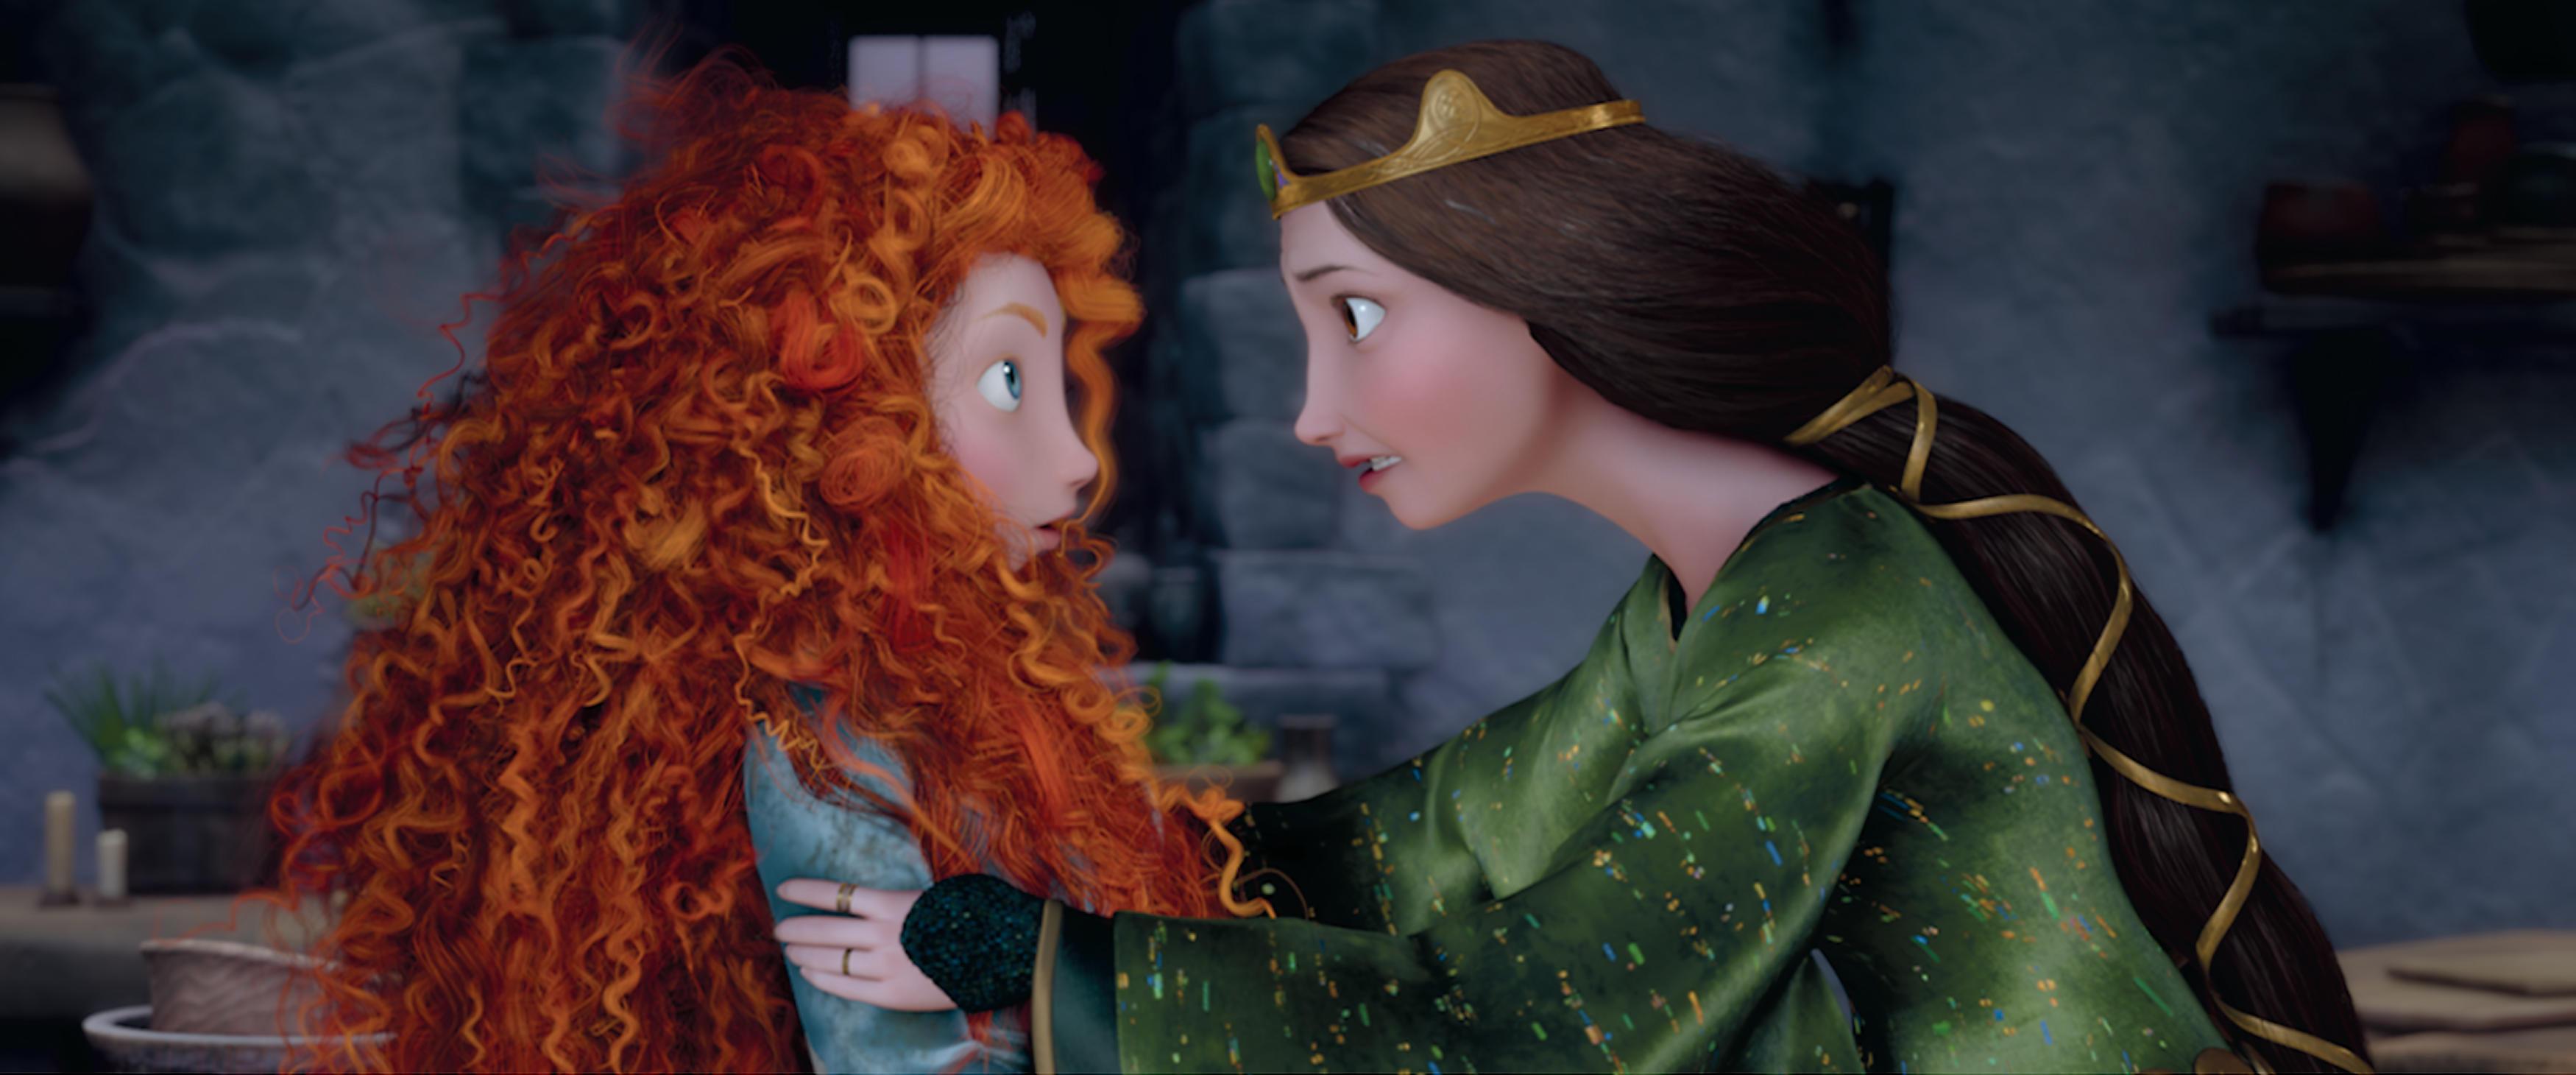 princesa merida elinor valiente